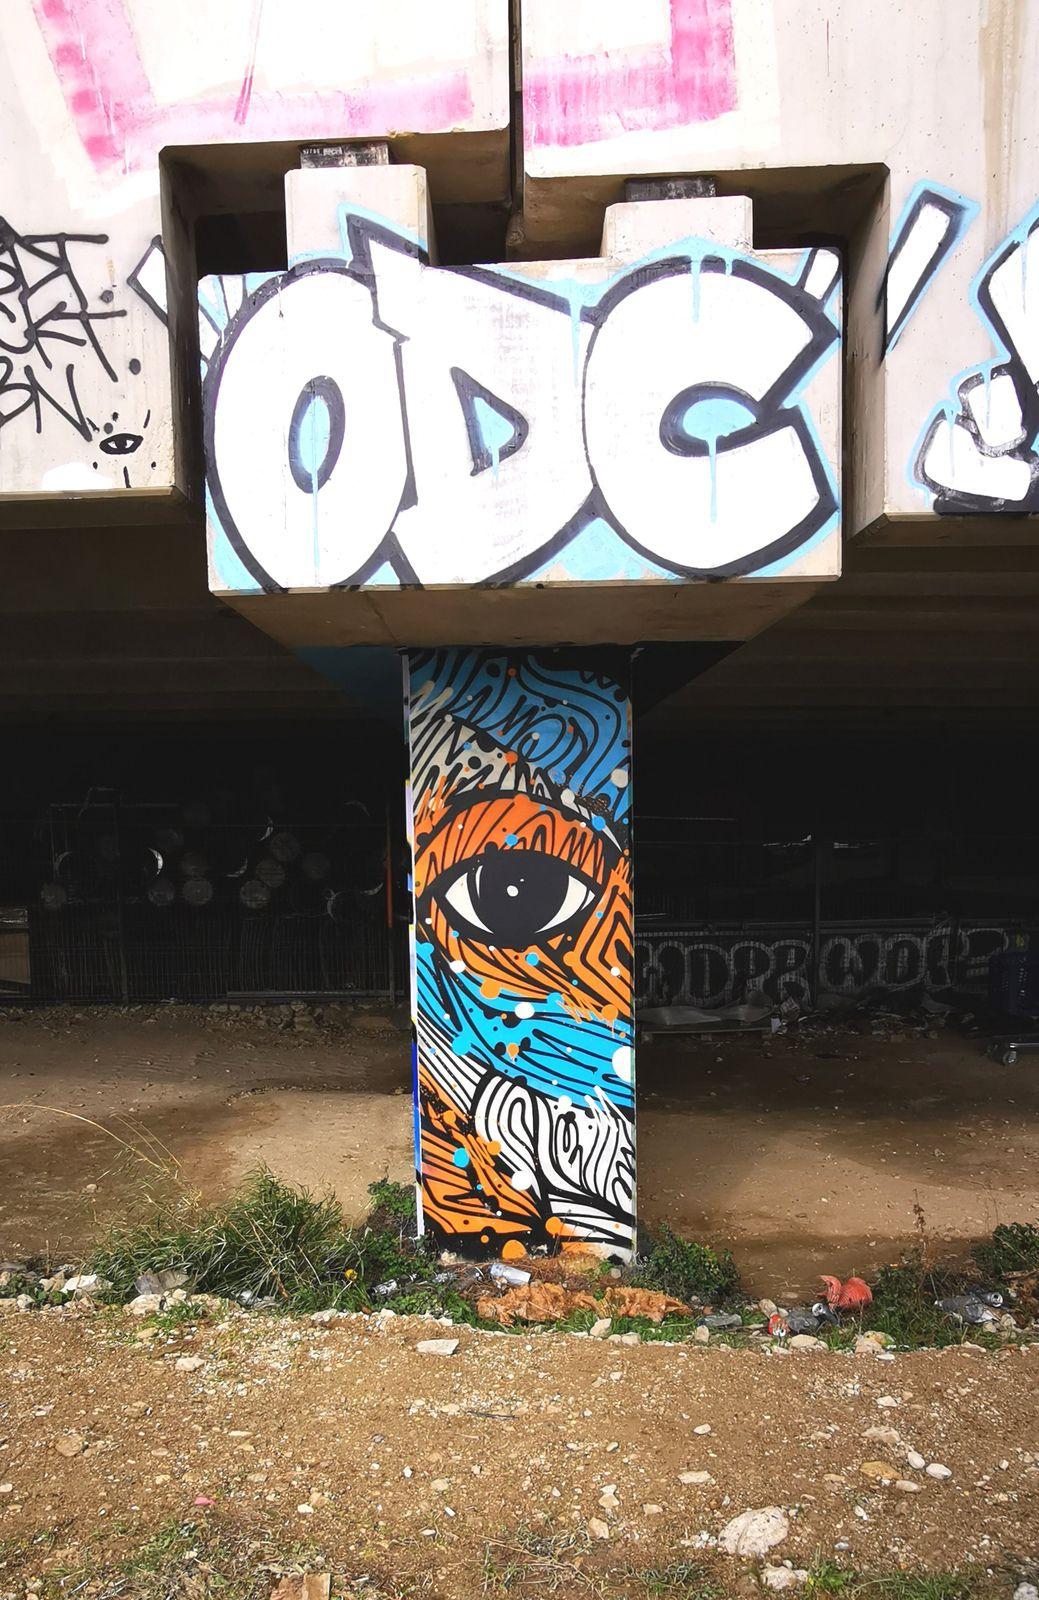 Galerie street art à ciel ouvert: Spot 13 à Paris 13